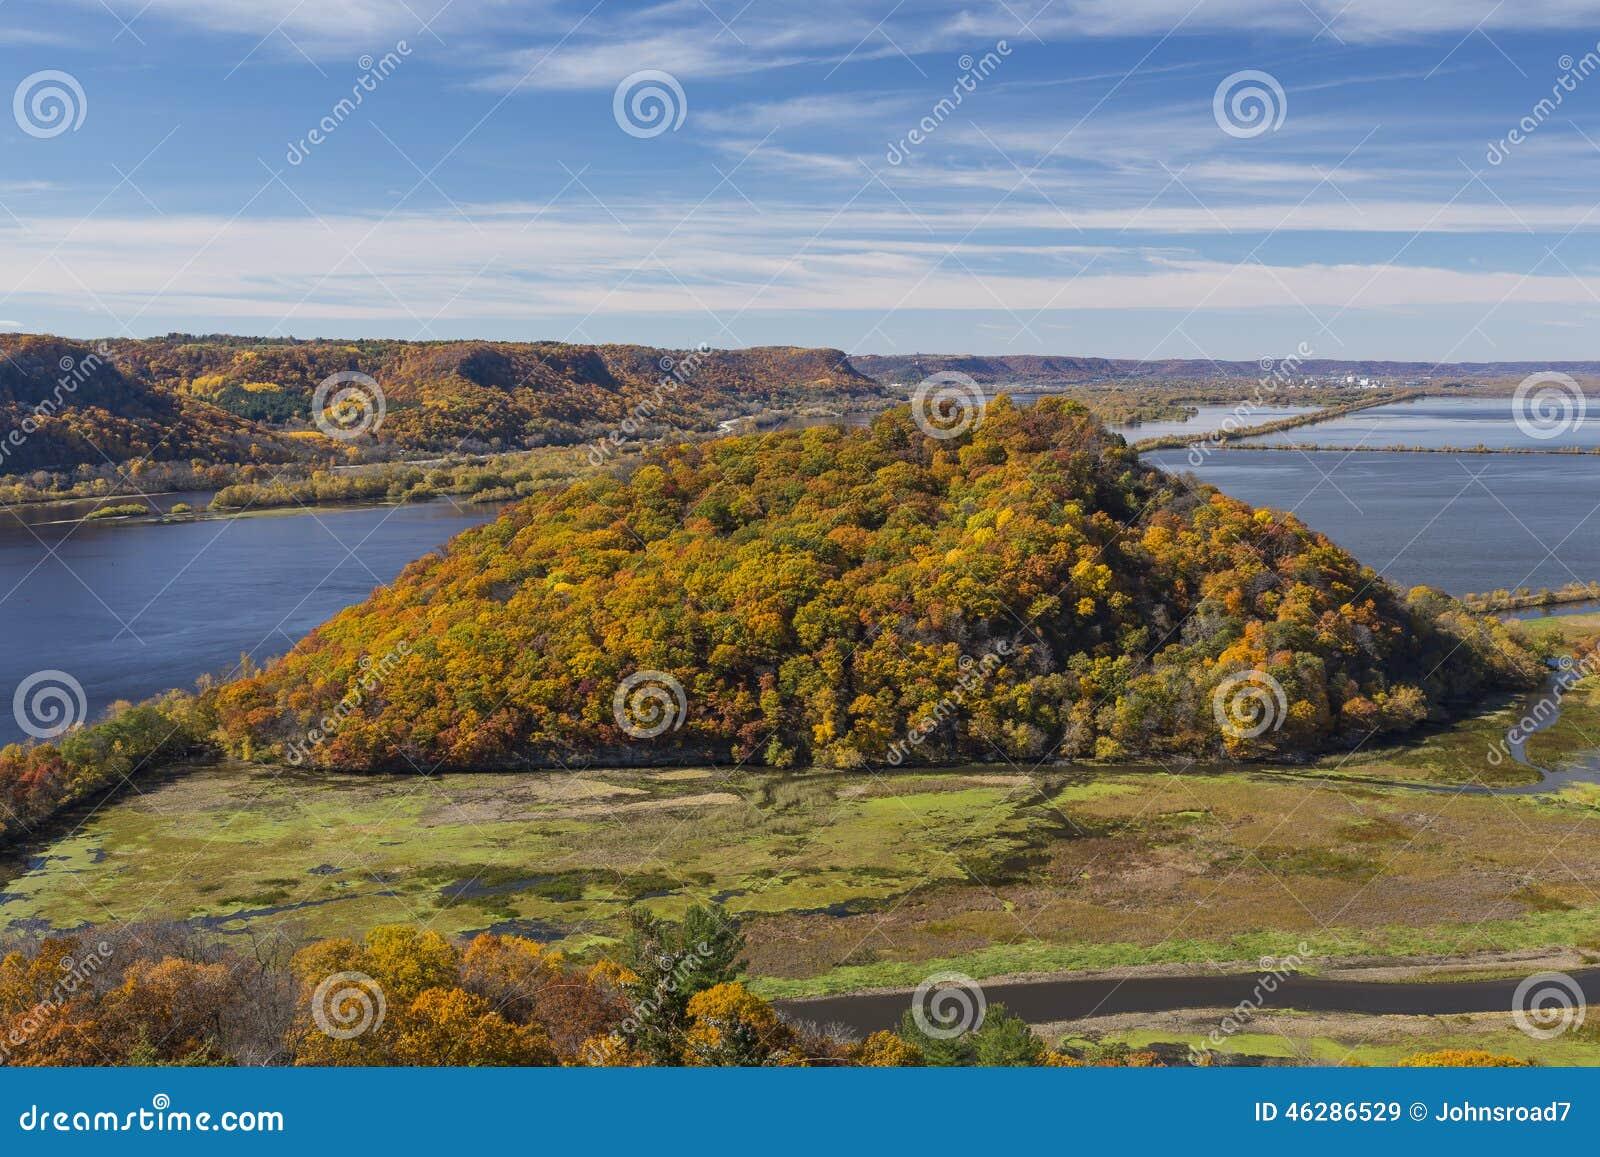 Río Misisipi en otoño